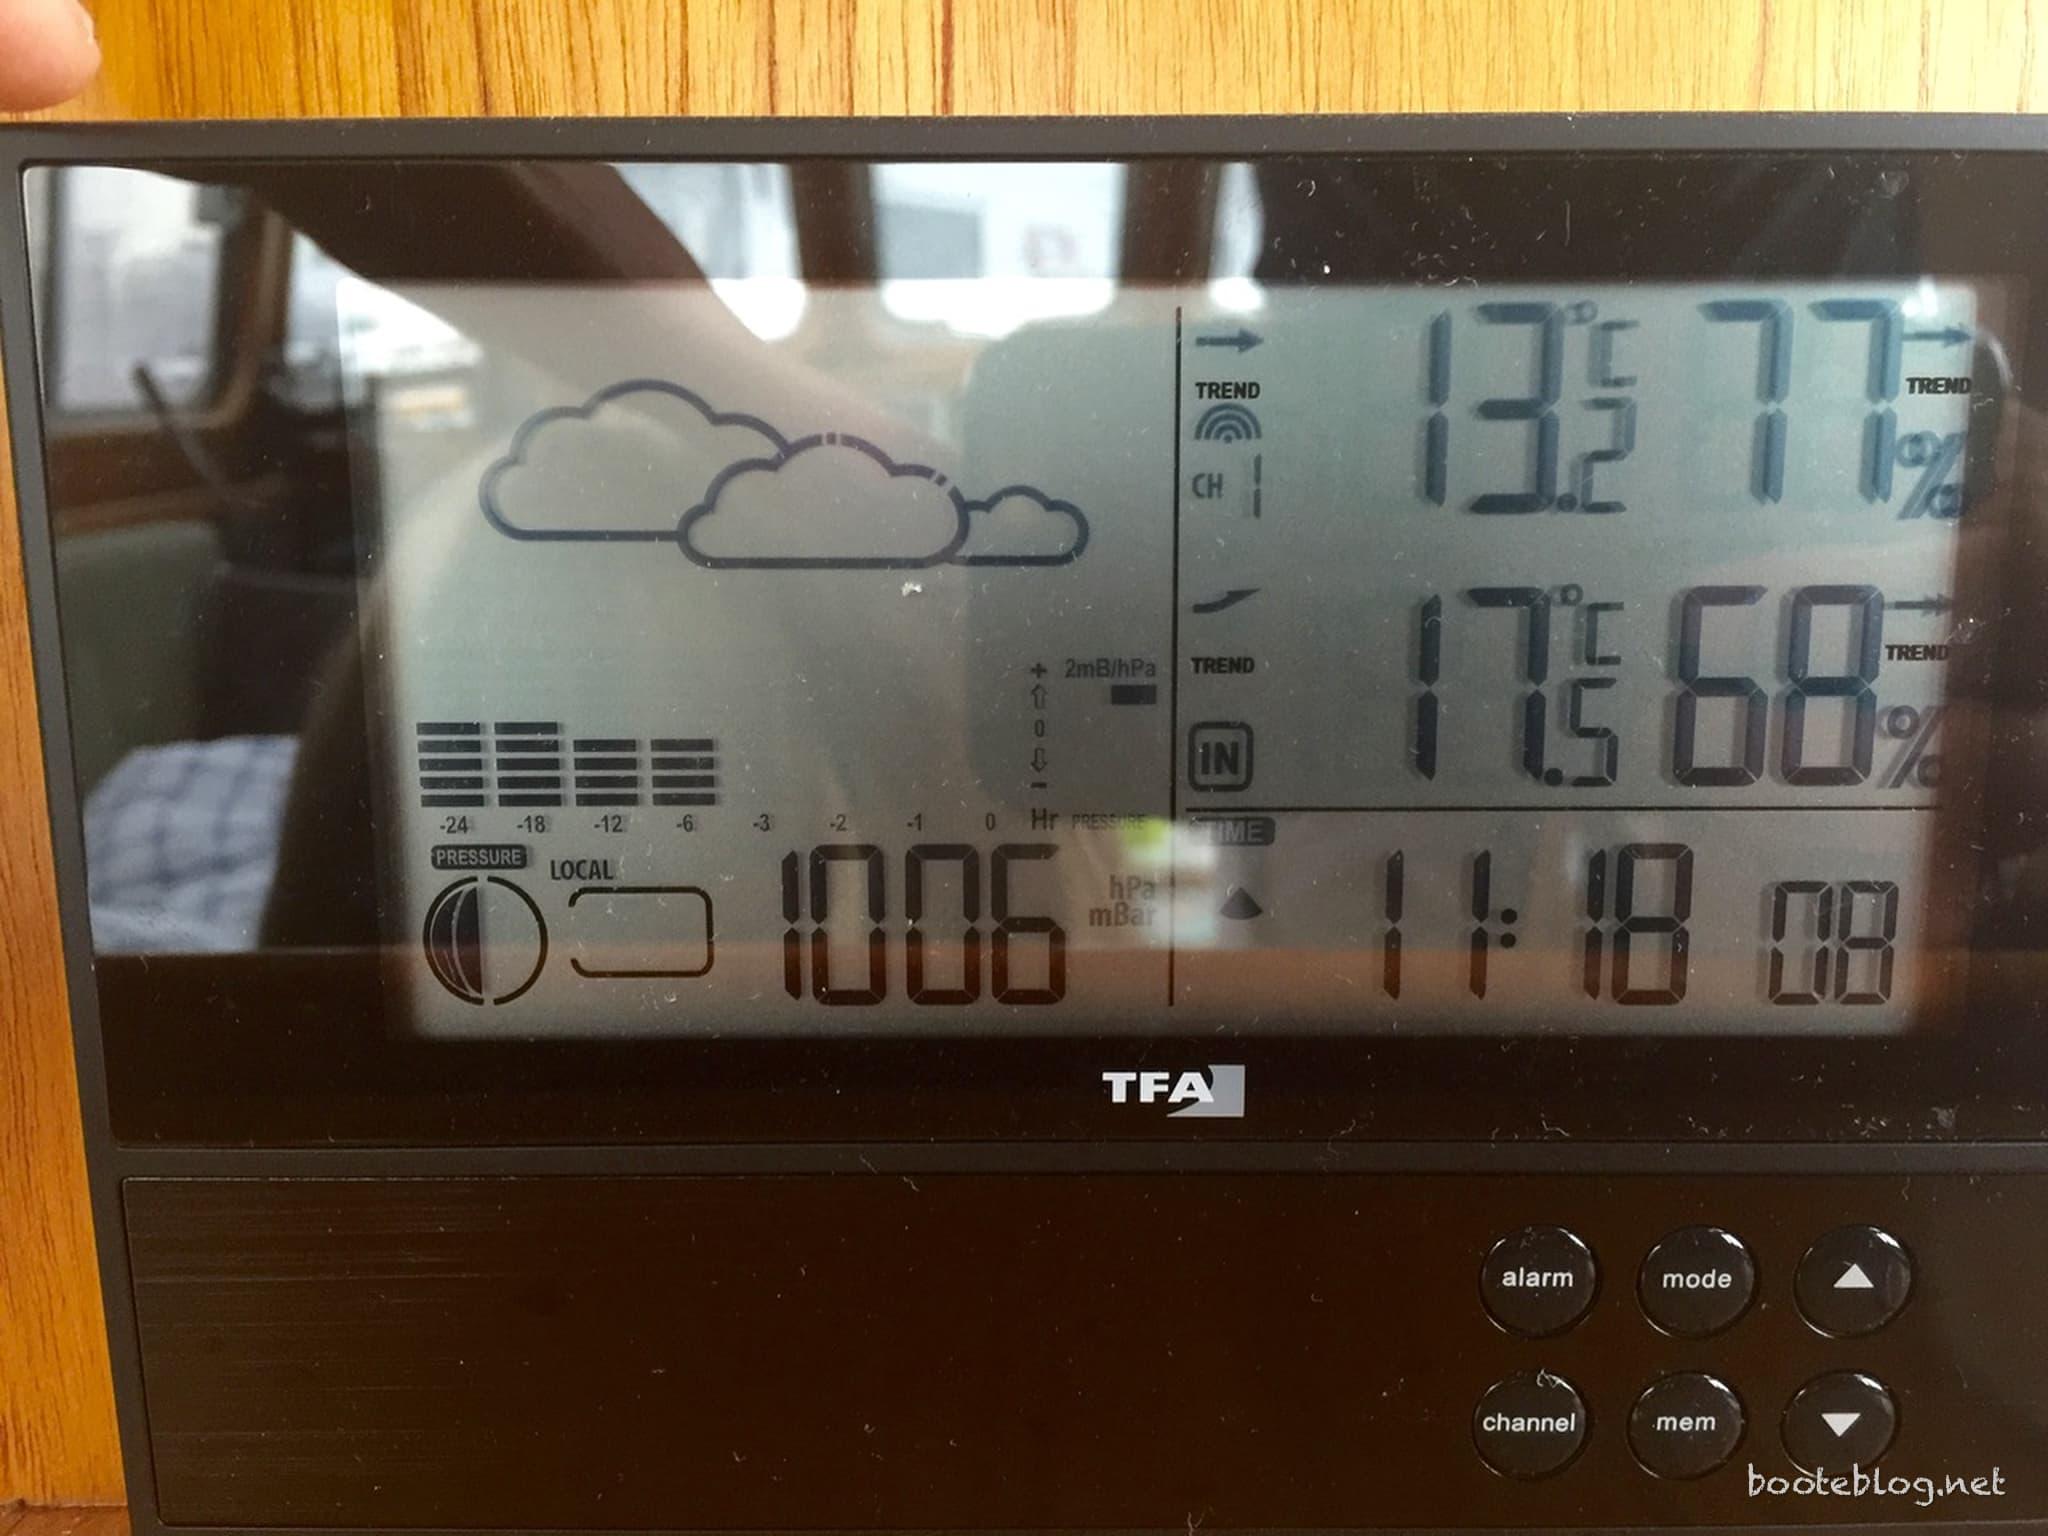 13° Außentemperatur. Morgens im August.